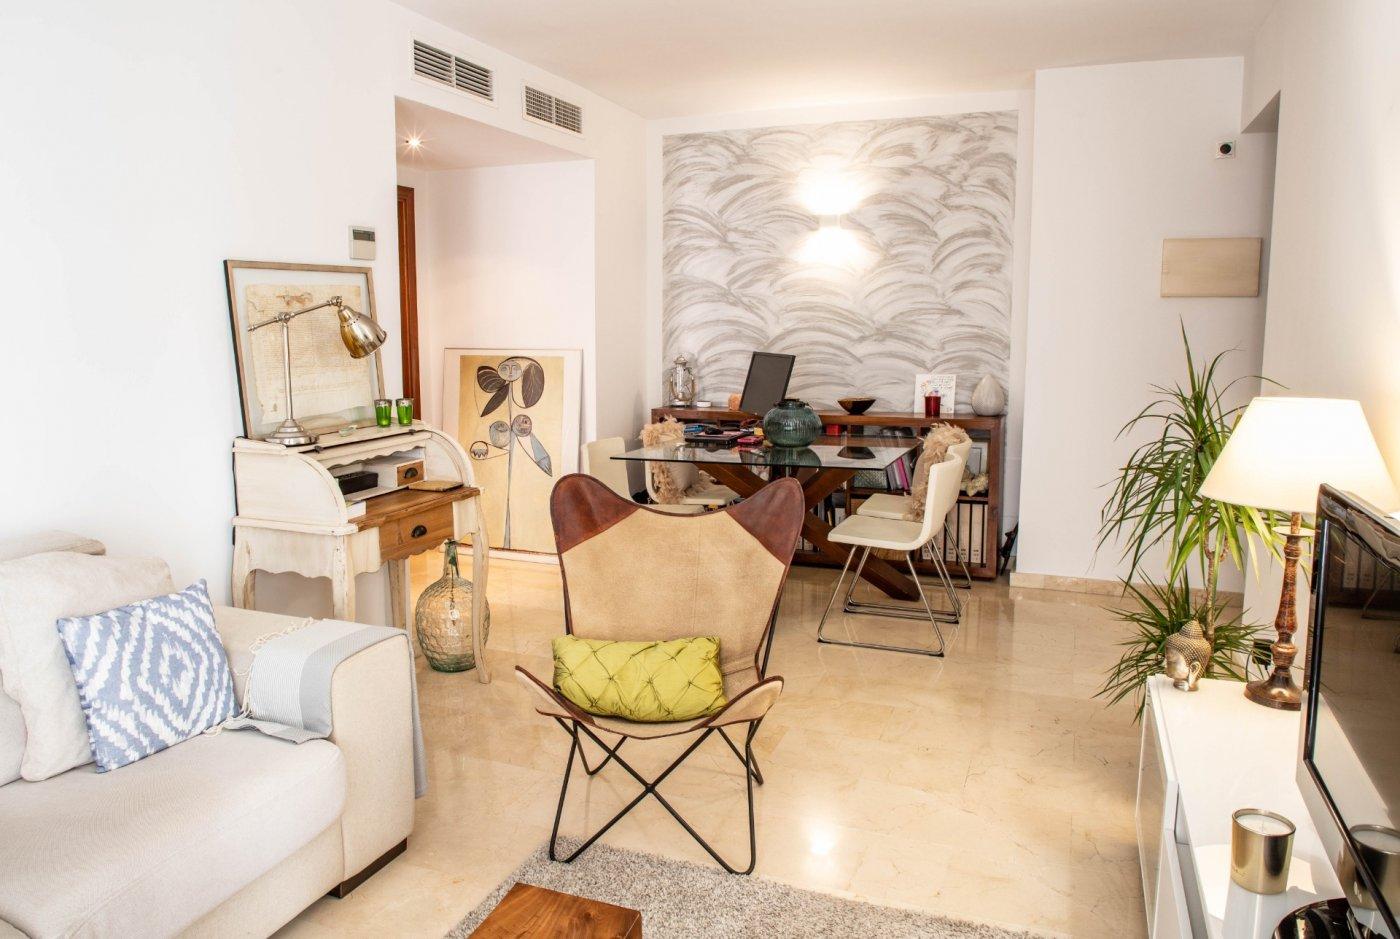 En venta espectacular piso en el terreno cerca al paseo maritimo - imagenInmueble1